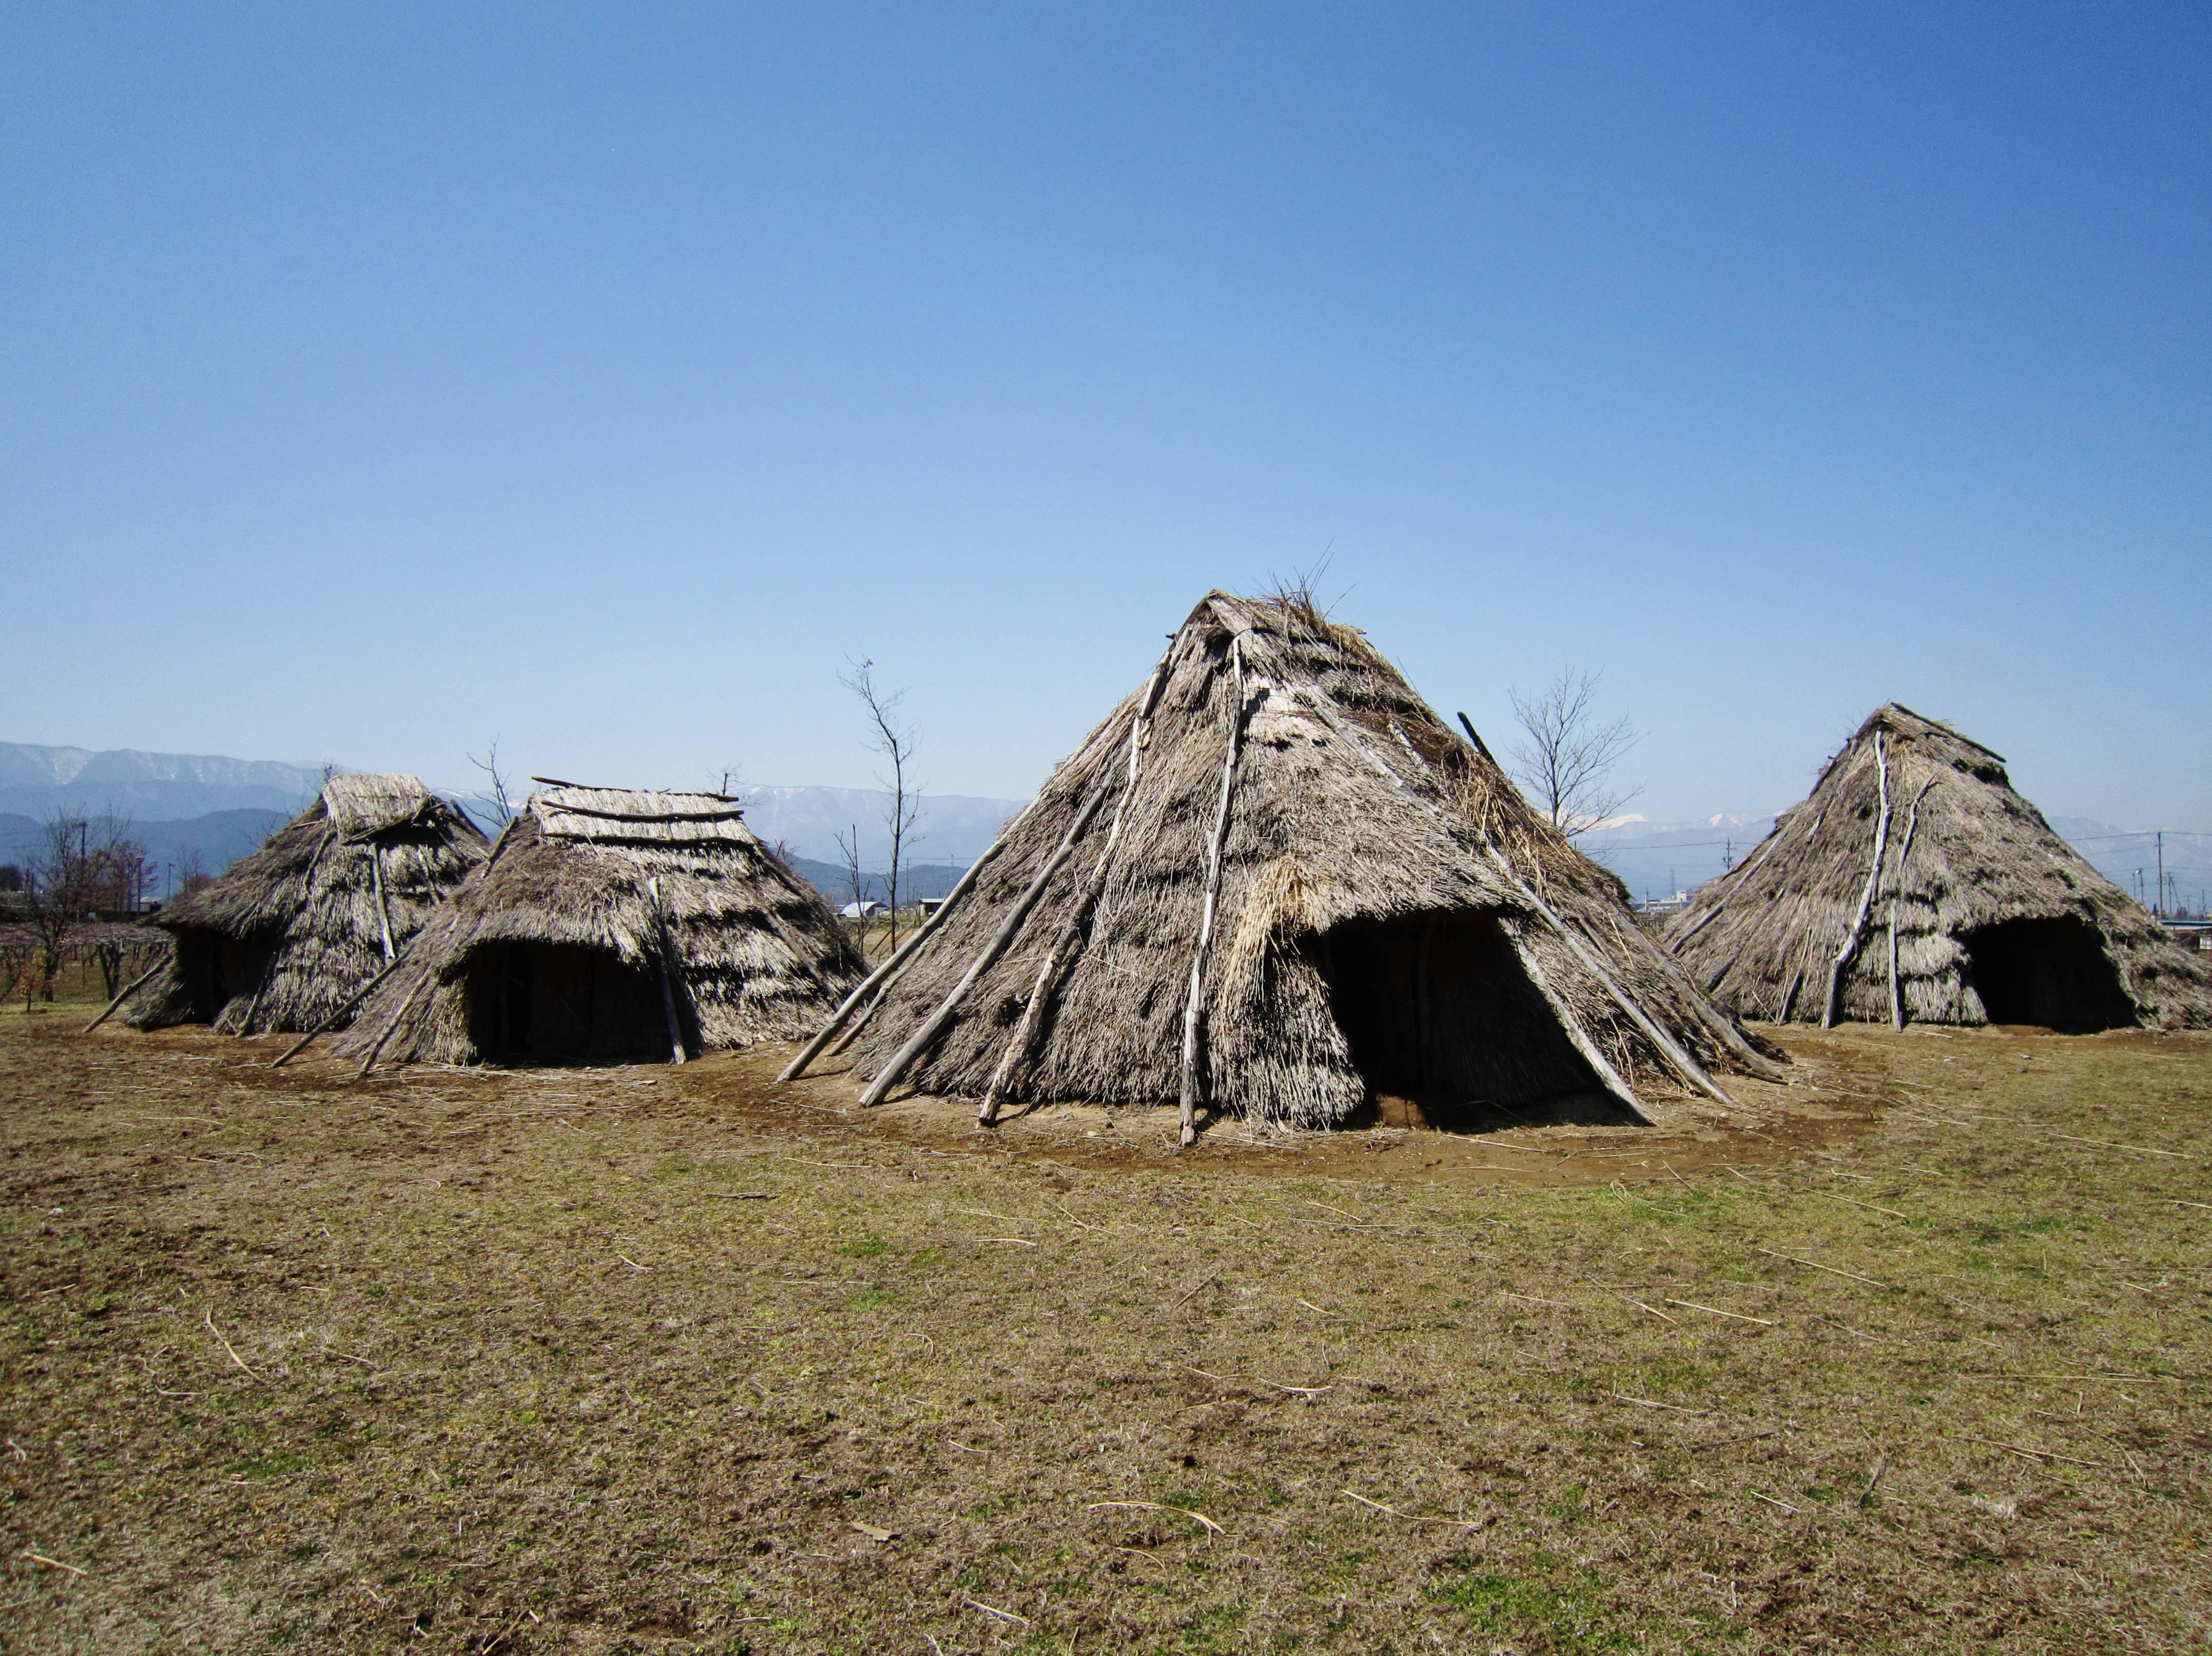 древние жилища человека картинки были самцы, грив